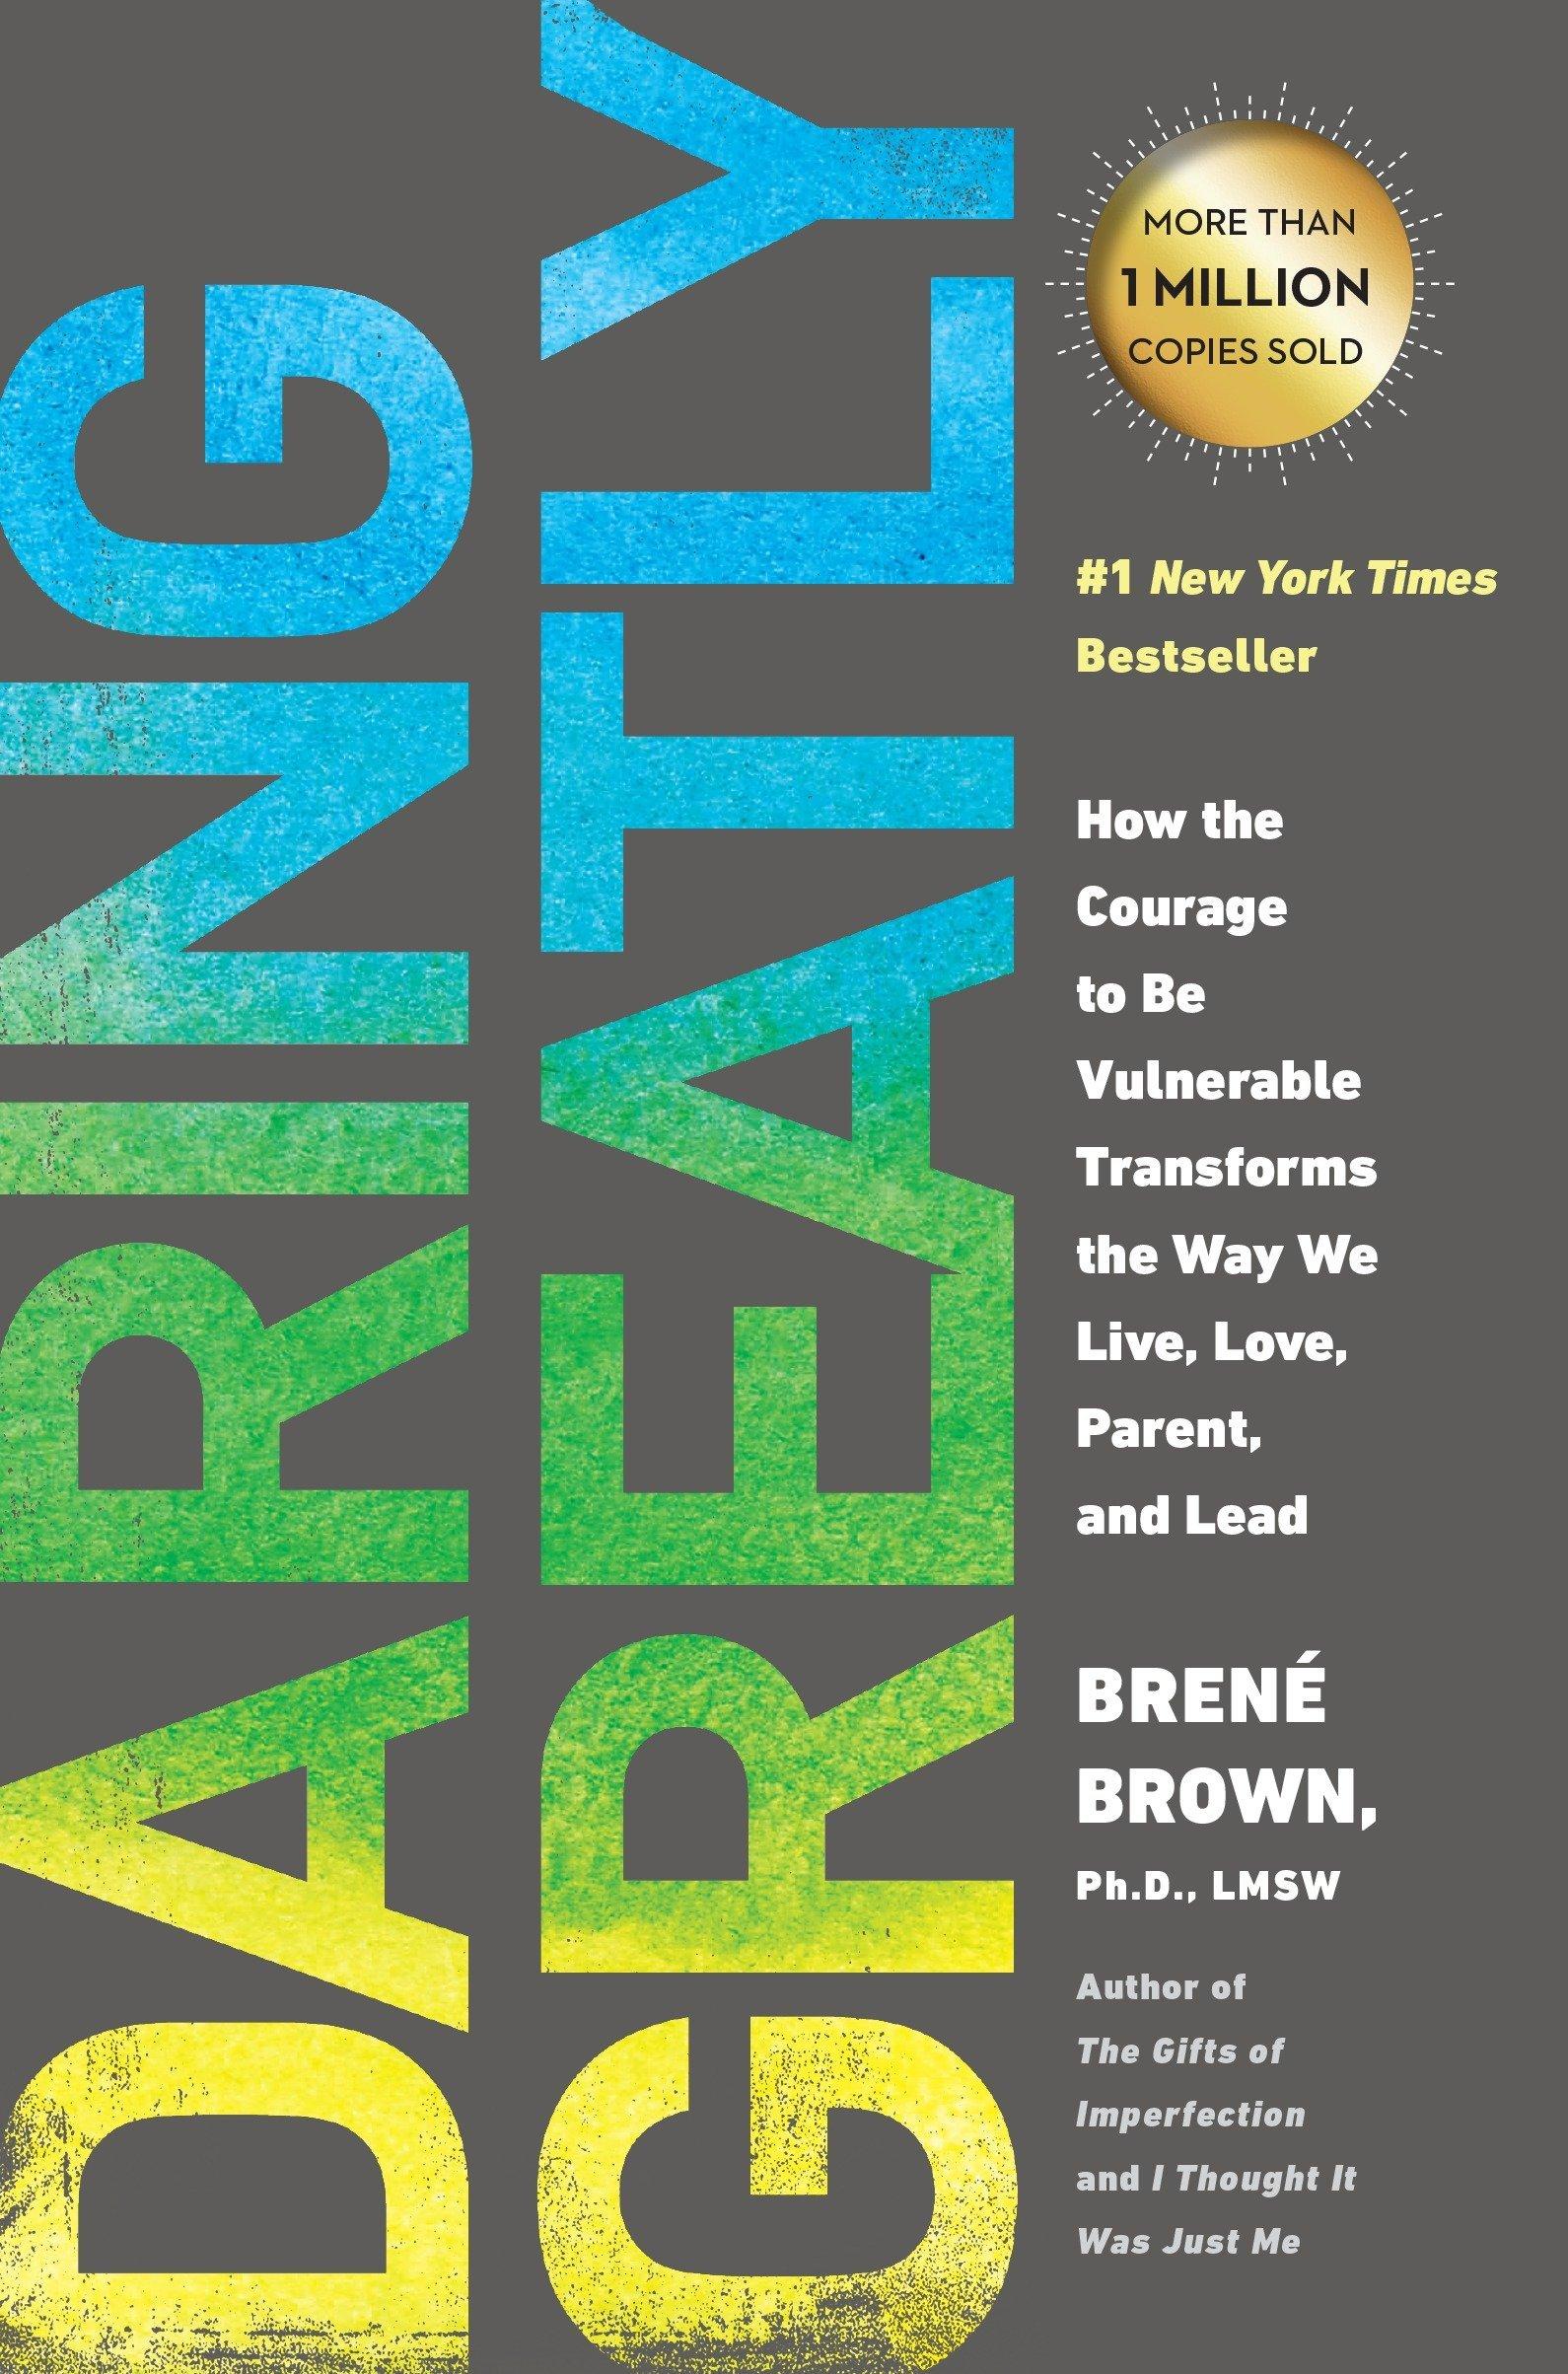 Daring Greatly | Brene Brown | Reading Week 9.2.19 TBR etc.